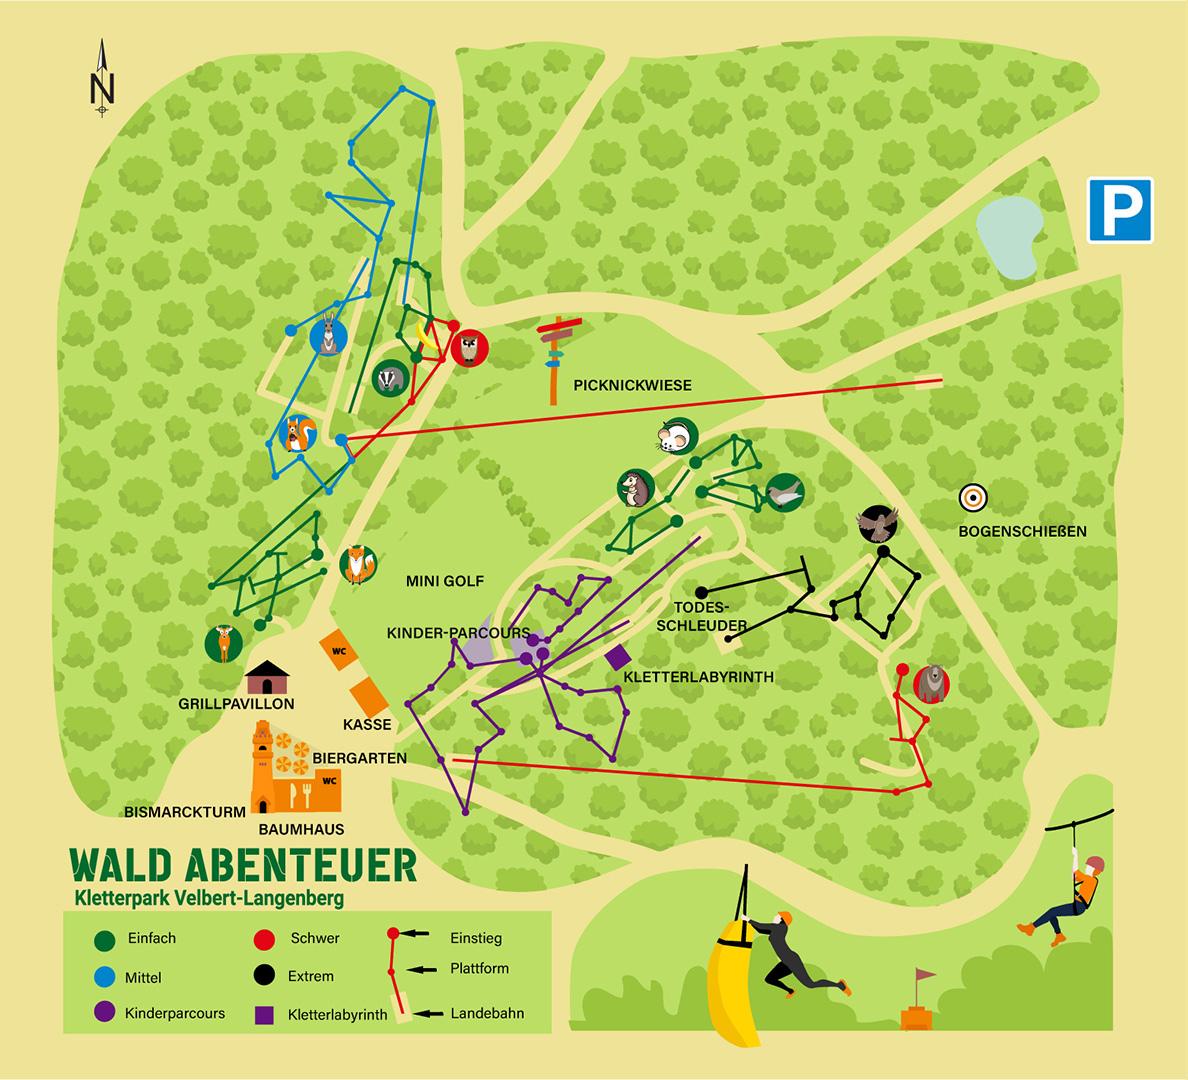 Wald-Abenteuer Parkplan Velbert